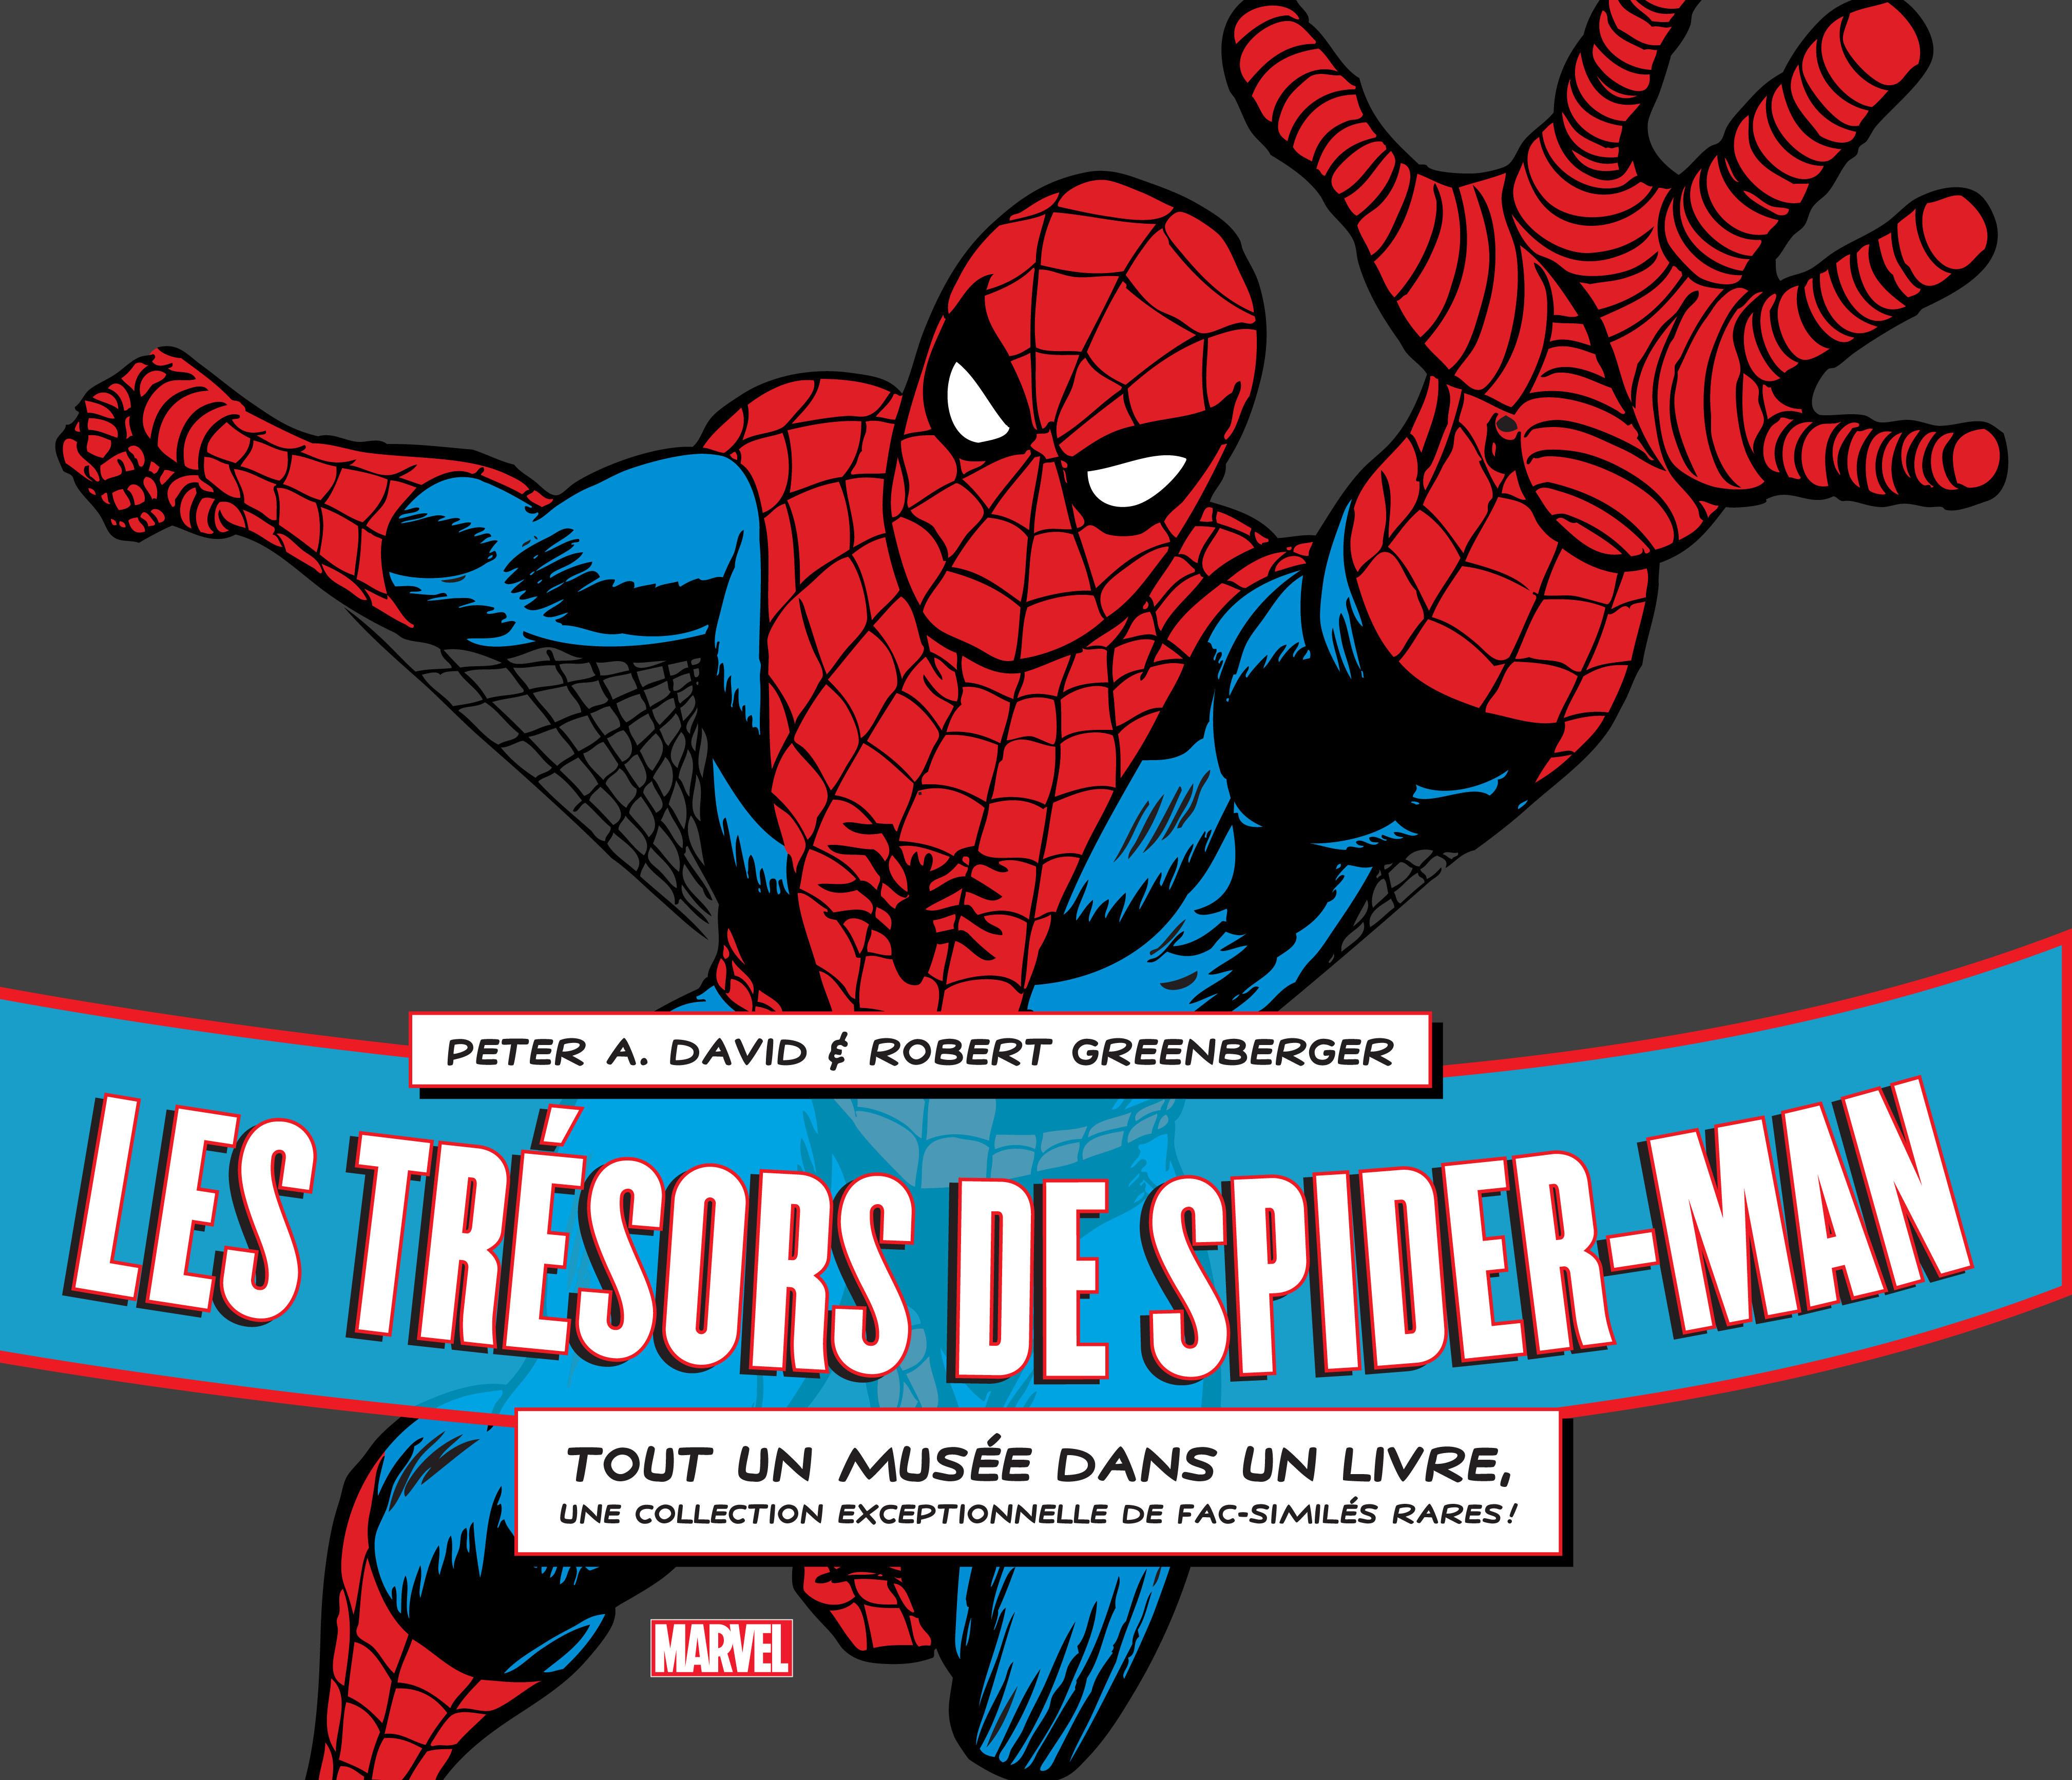 Spider-Man livre tous ses trésors dignes d'un musée